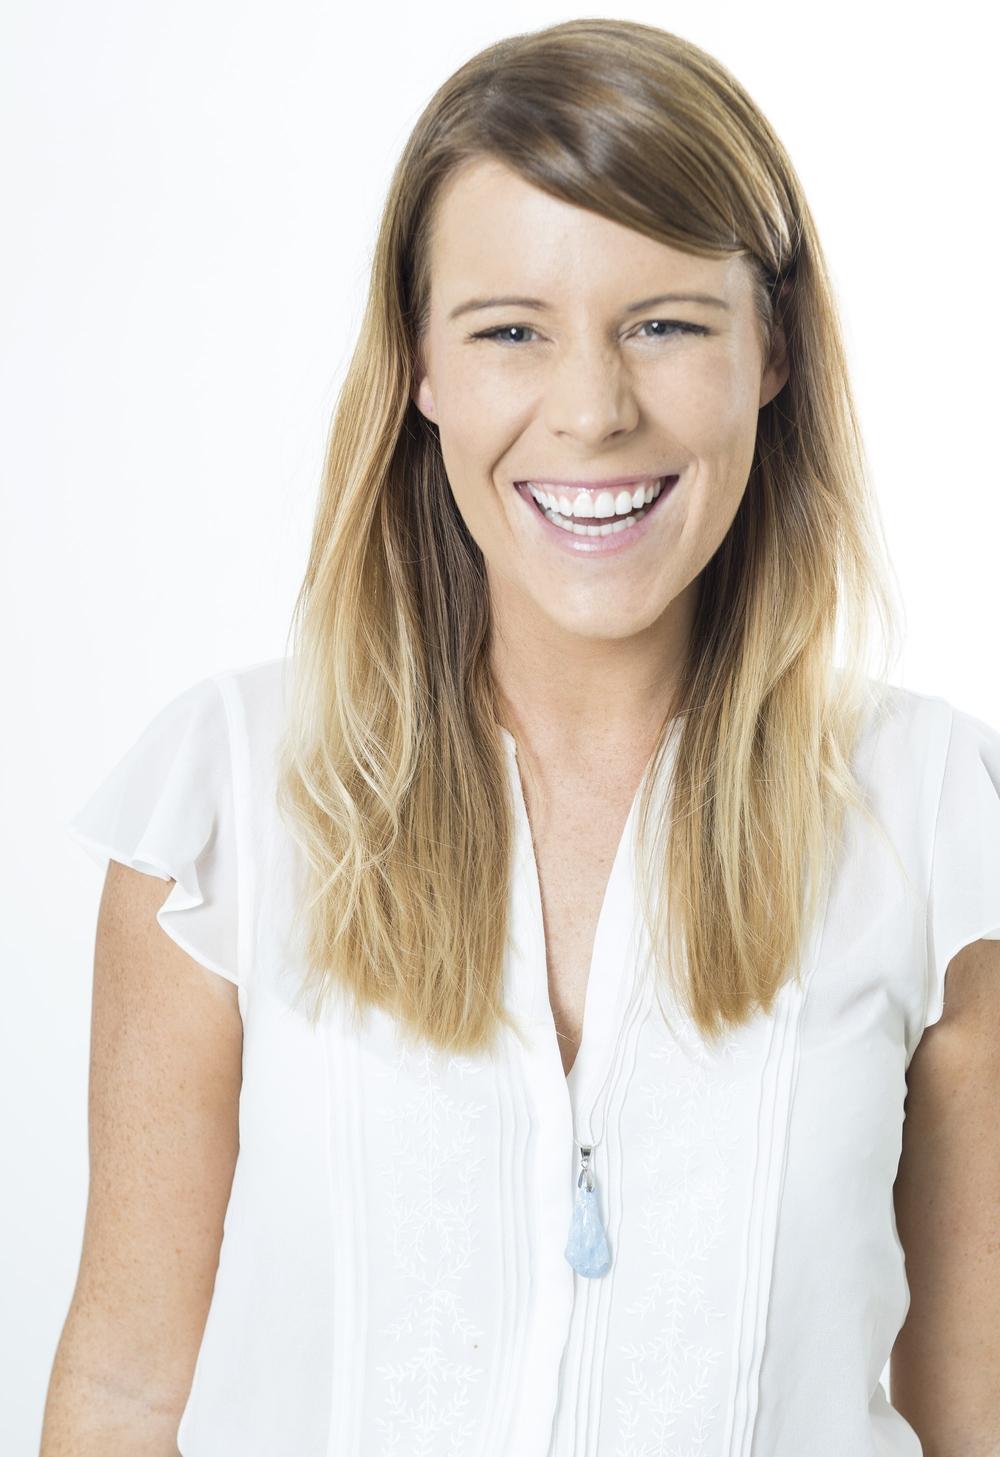 Sara Rickards